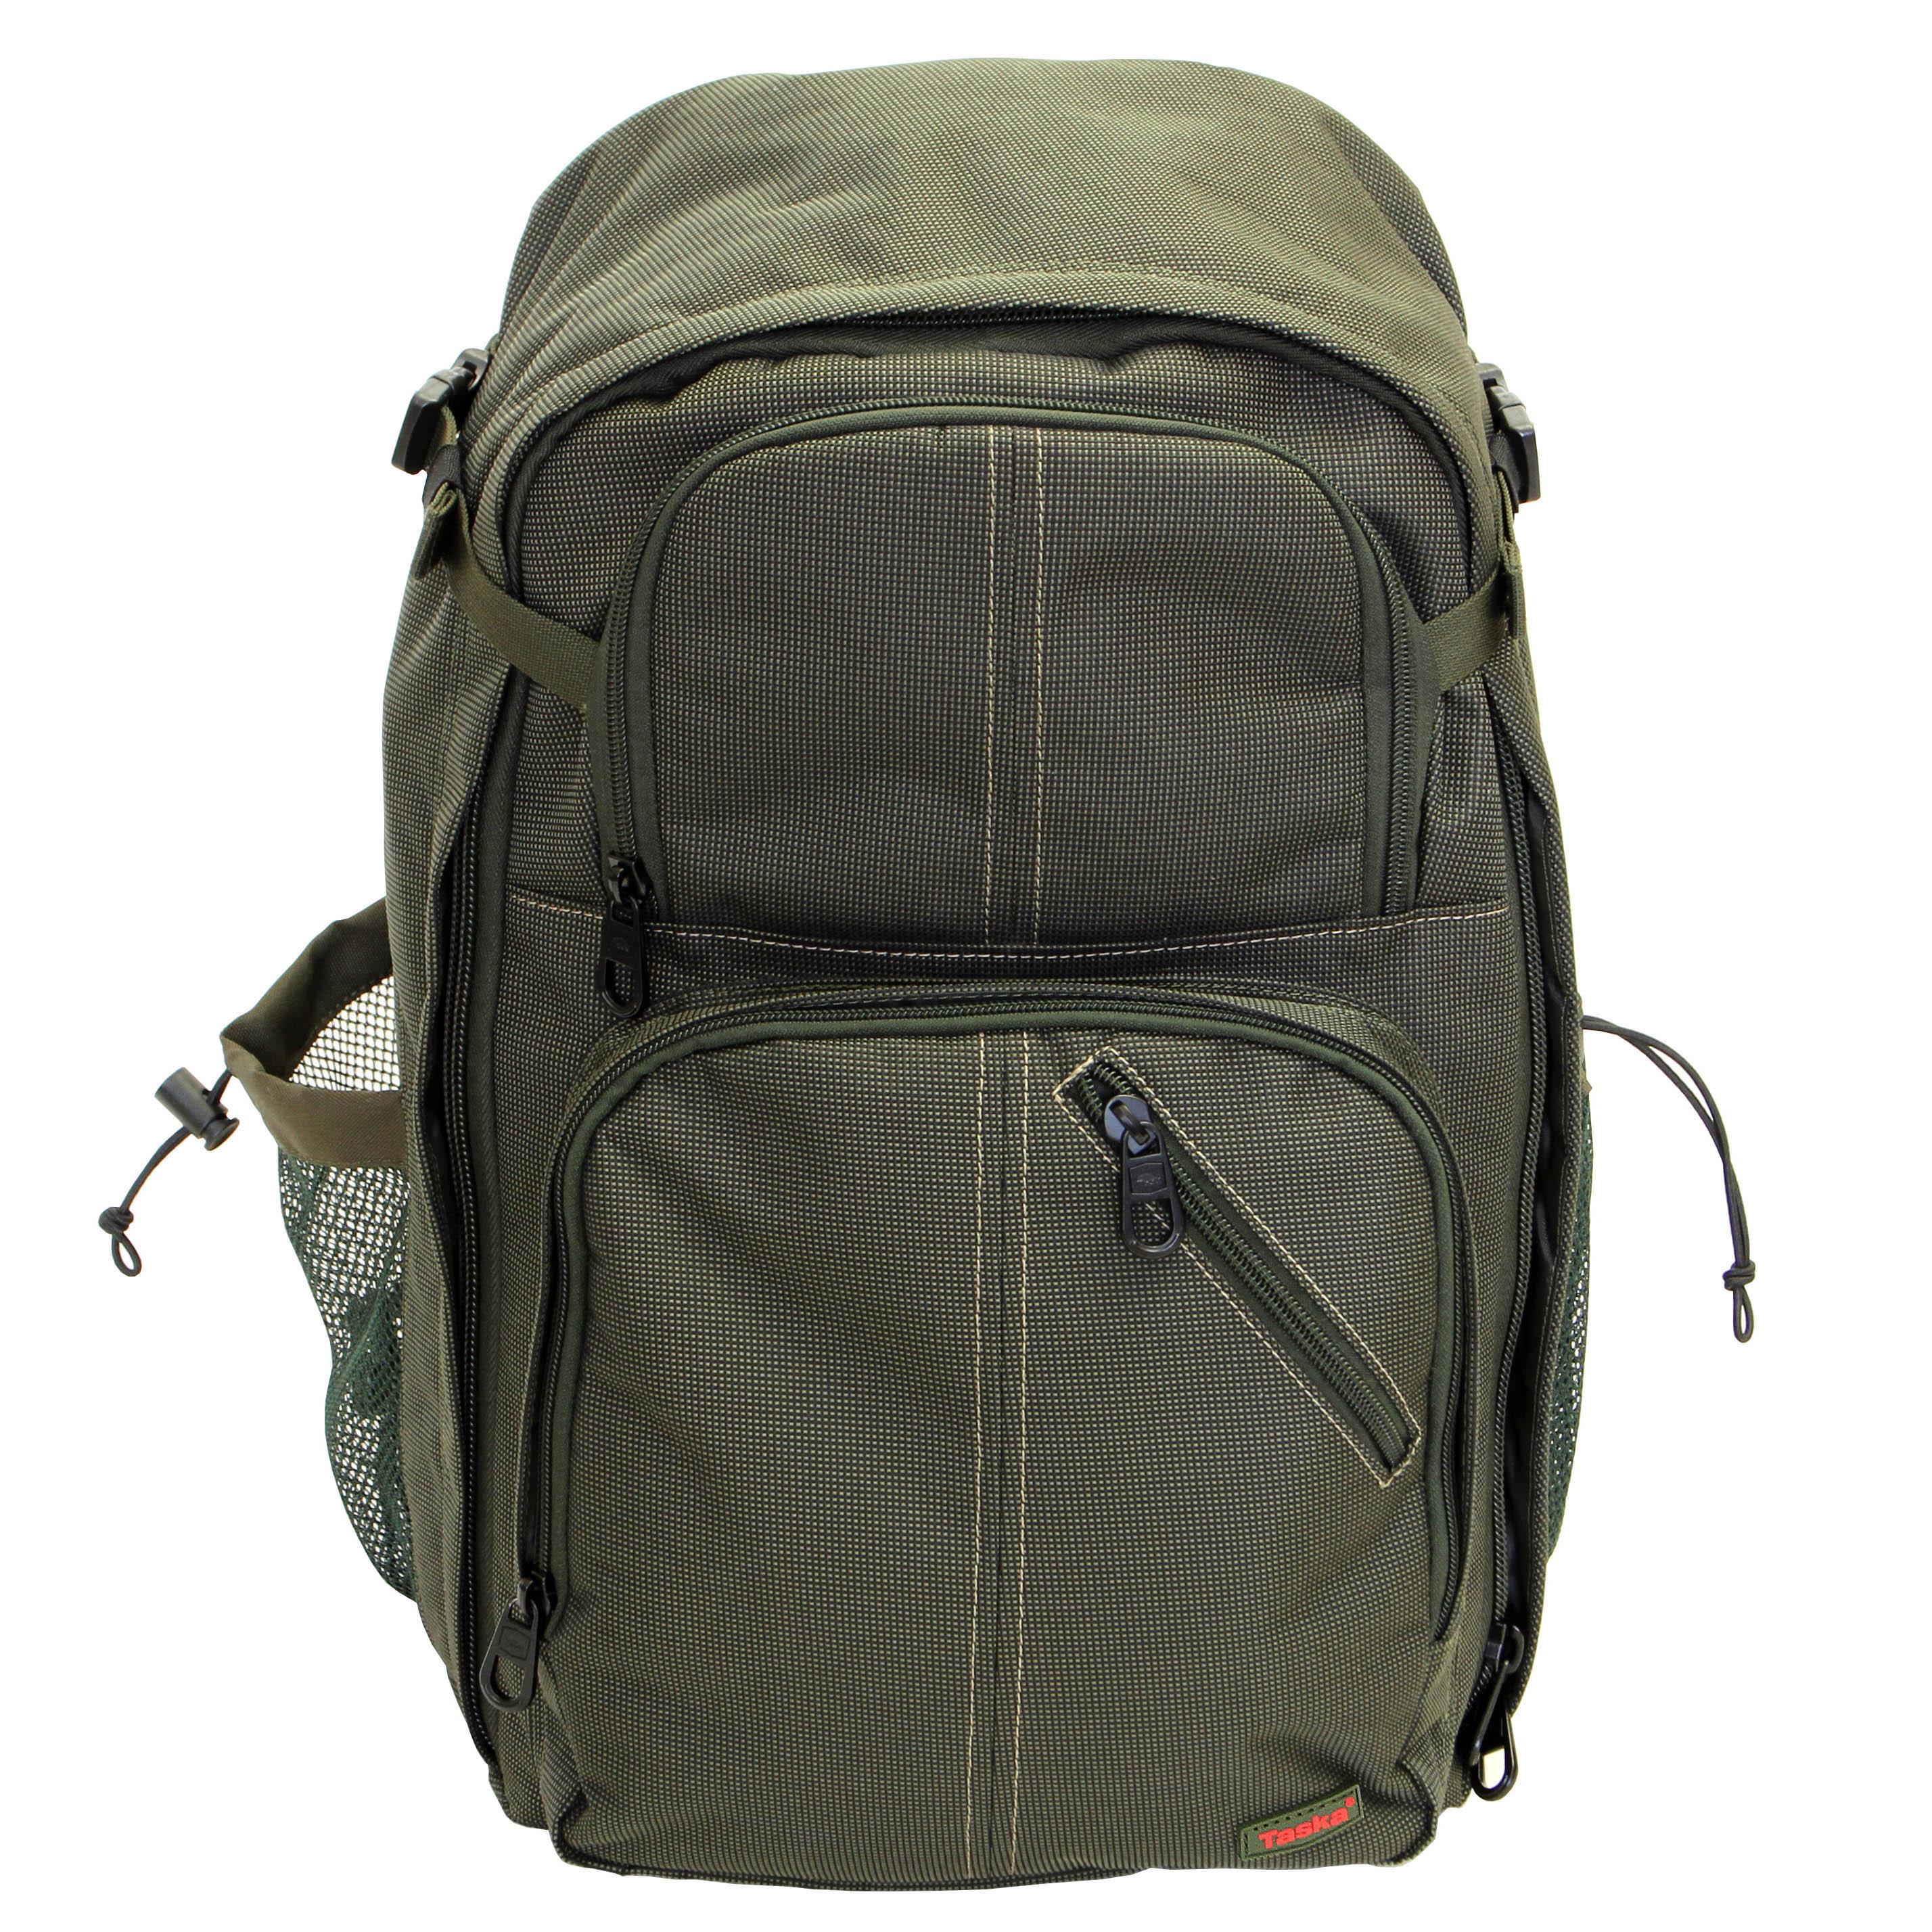 Taska- Backpack batoh na záda menší